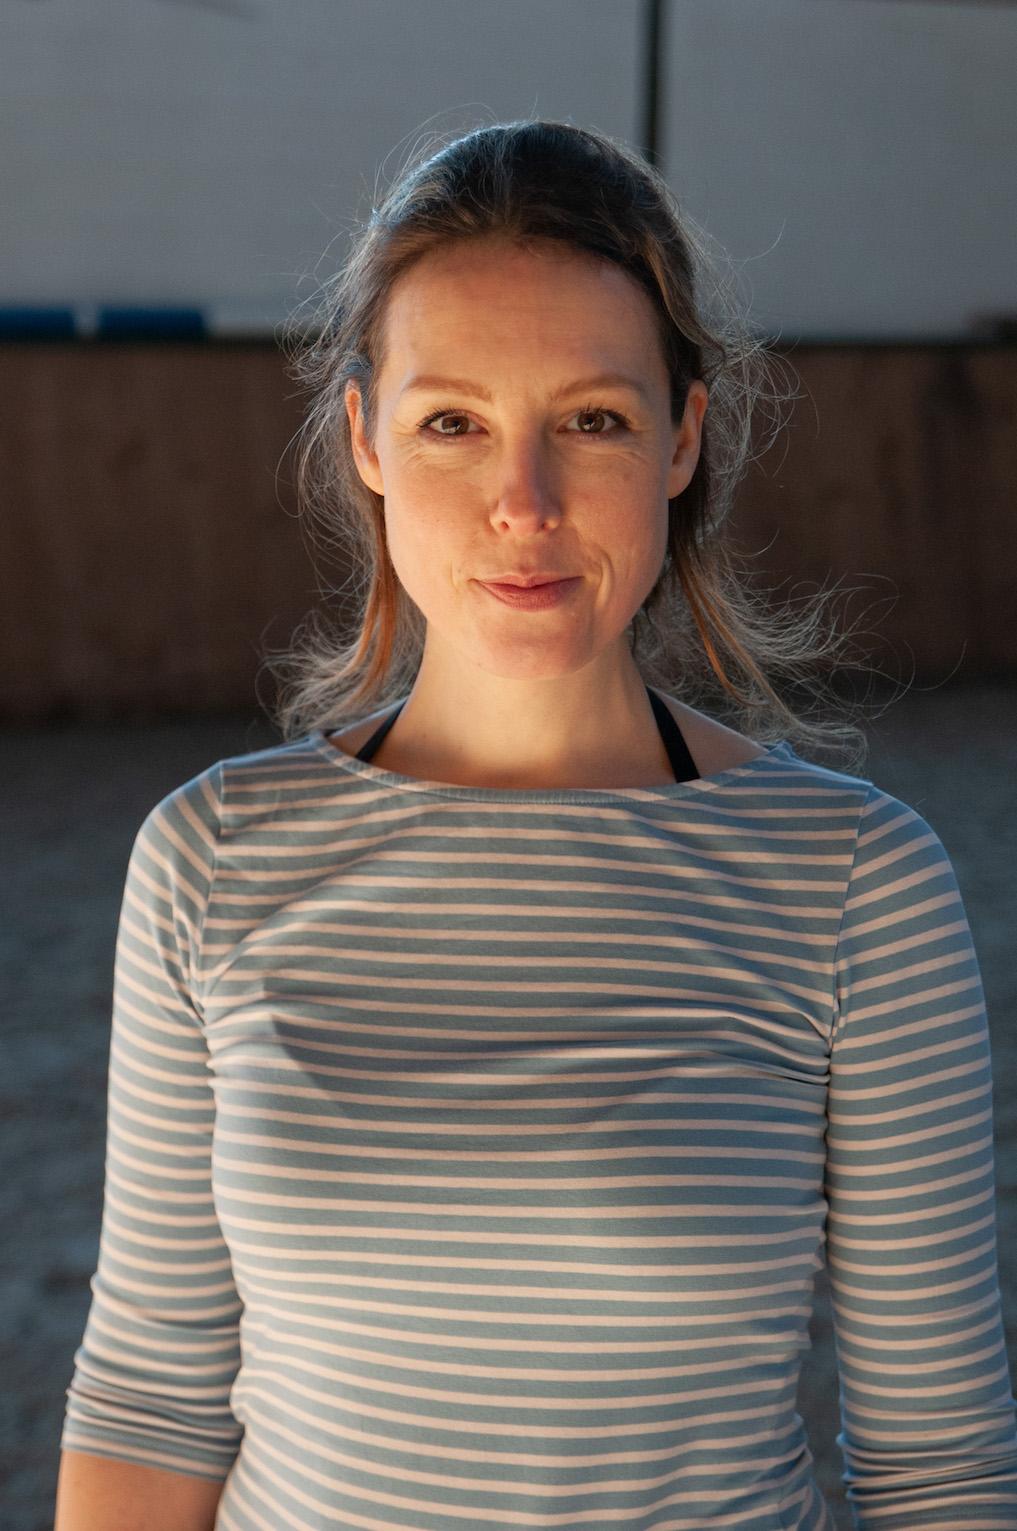 Jeannette Aretz, Portraitfoto